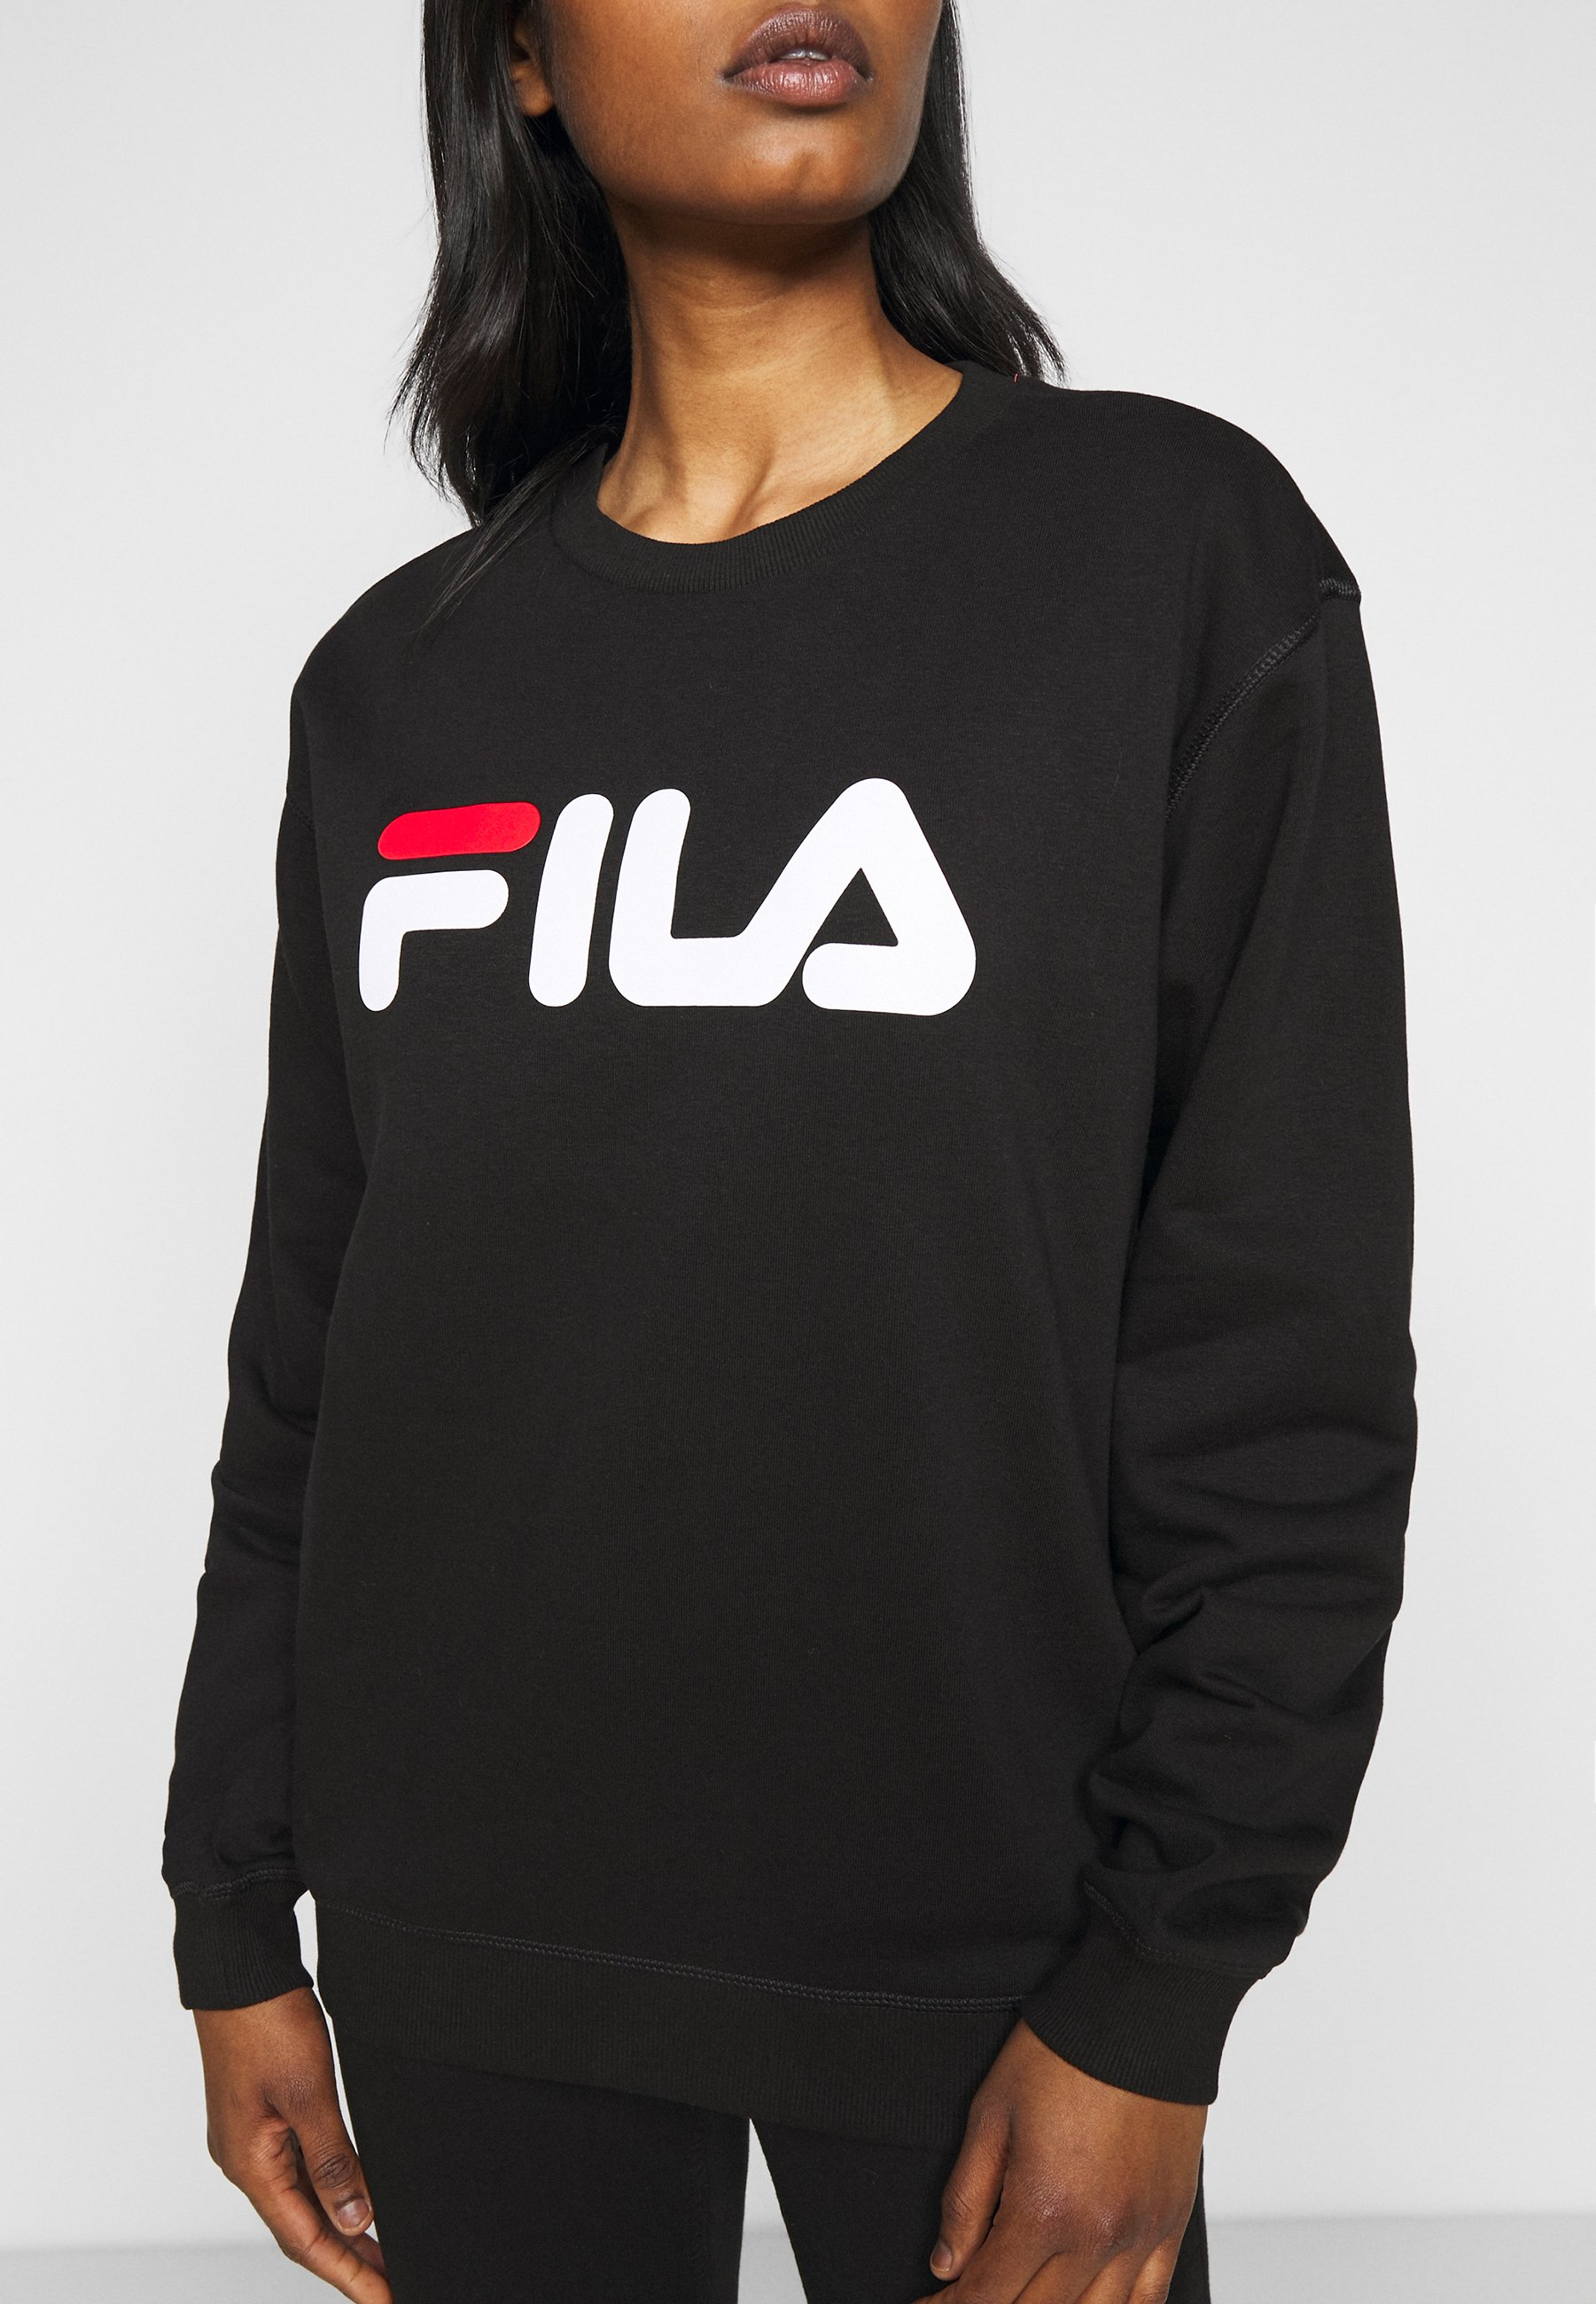 Fila LADINA Sweater ponderosa pine Zalando.nl